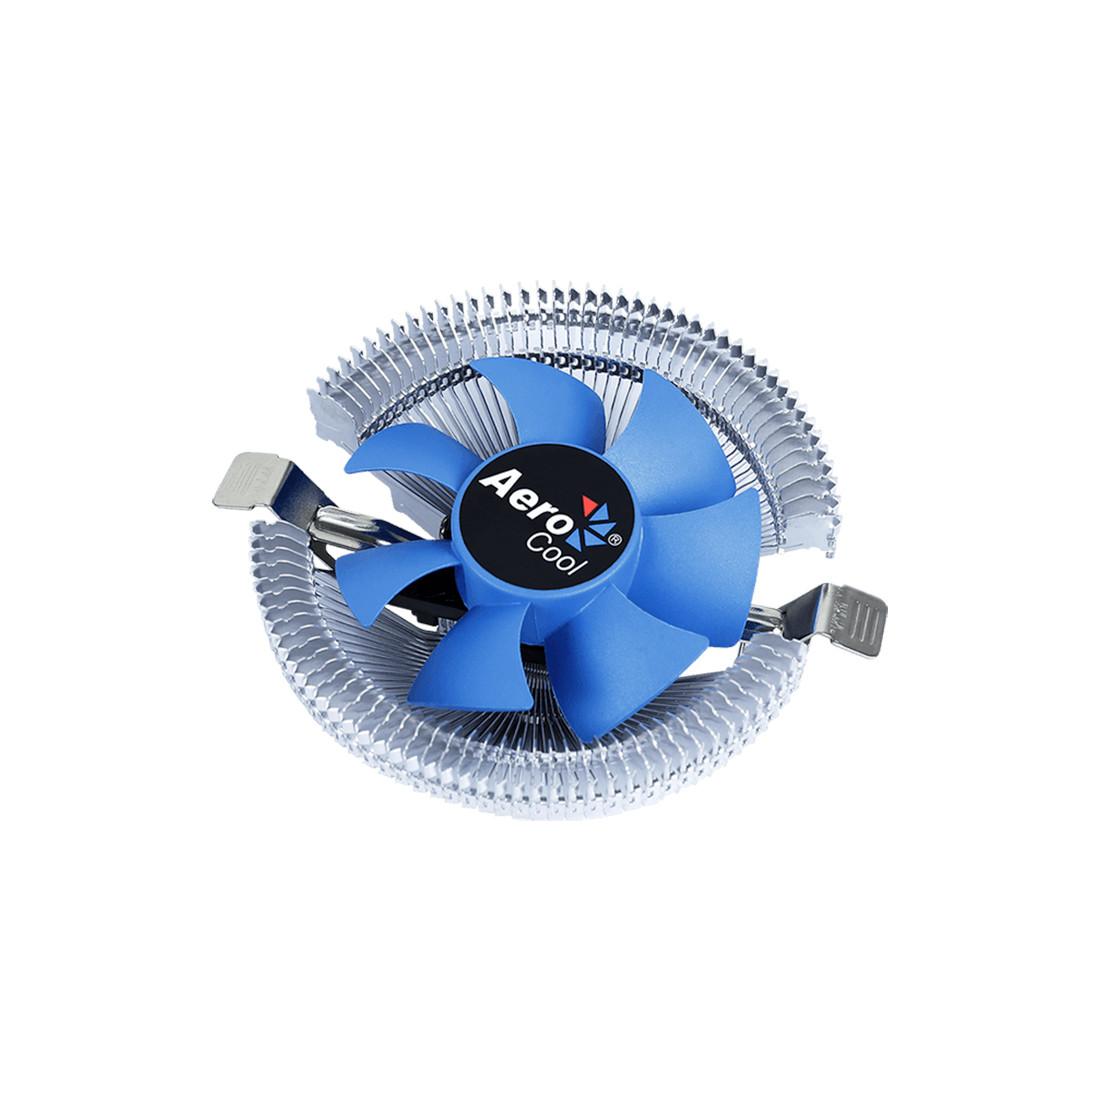 Кулер для CPU, Aerocool, Verkho i